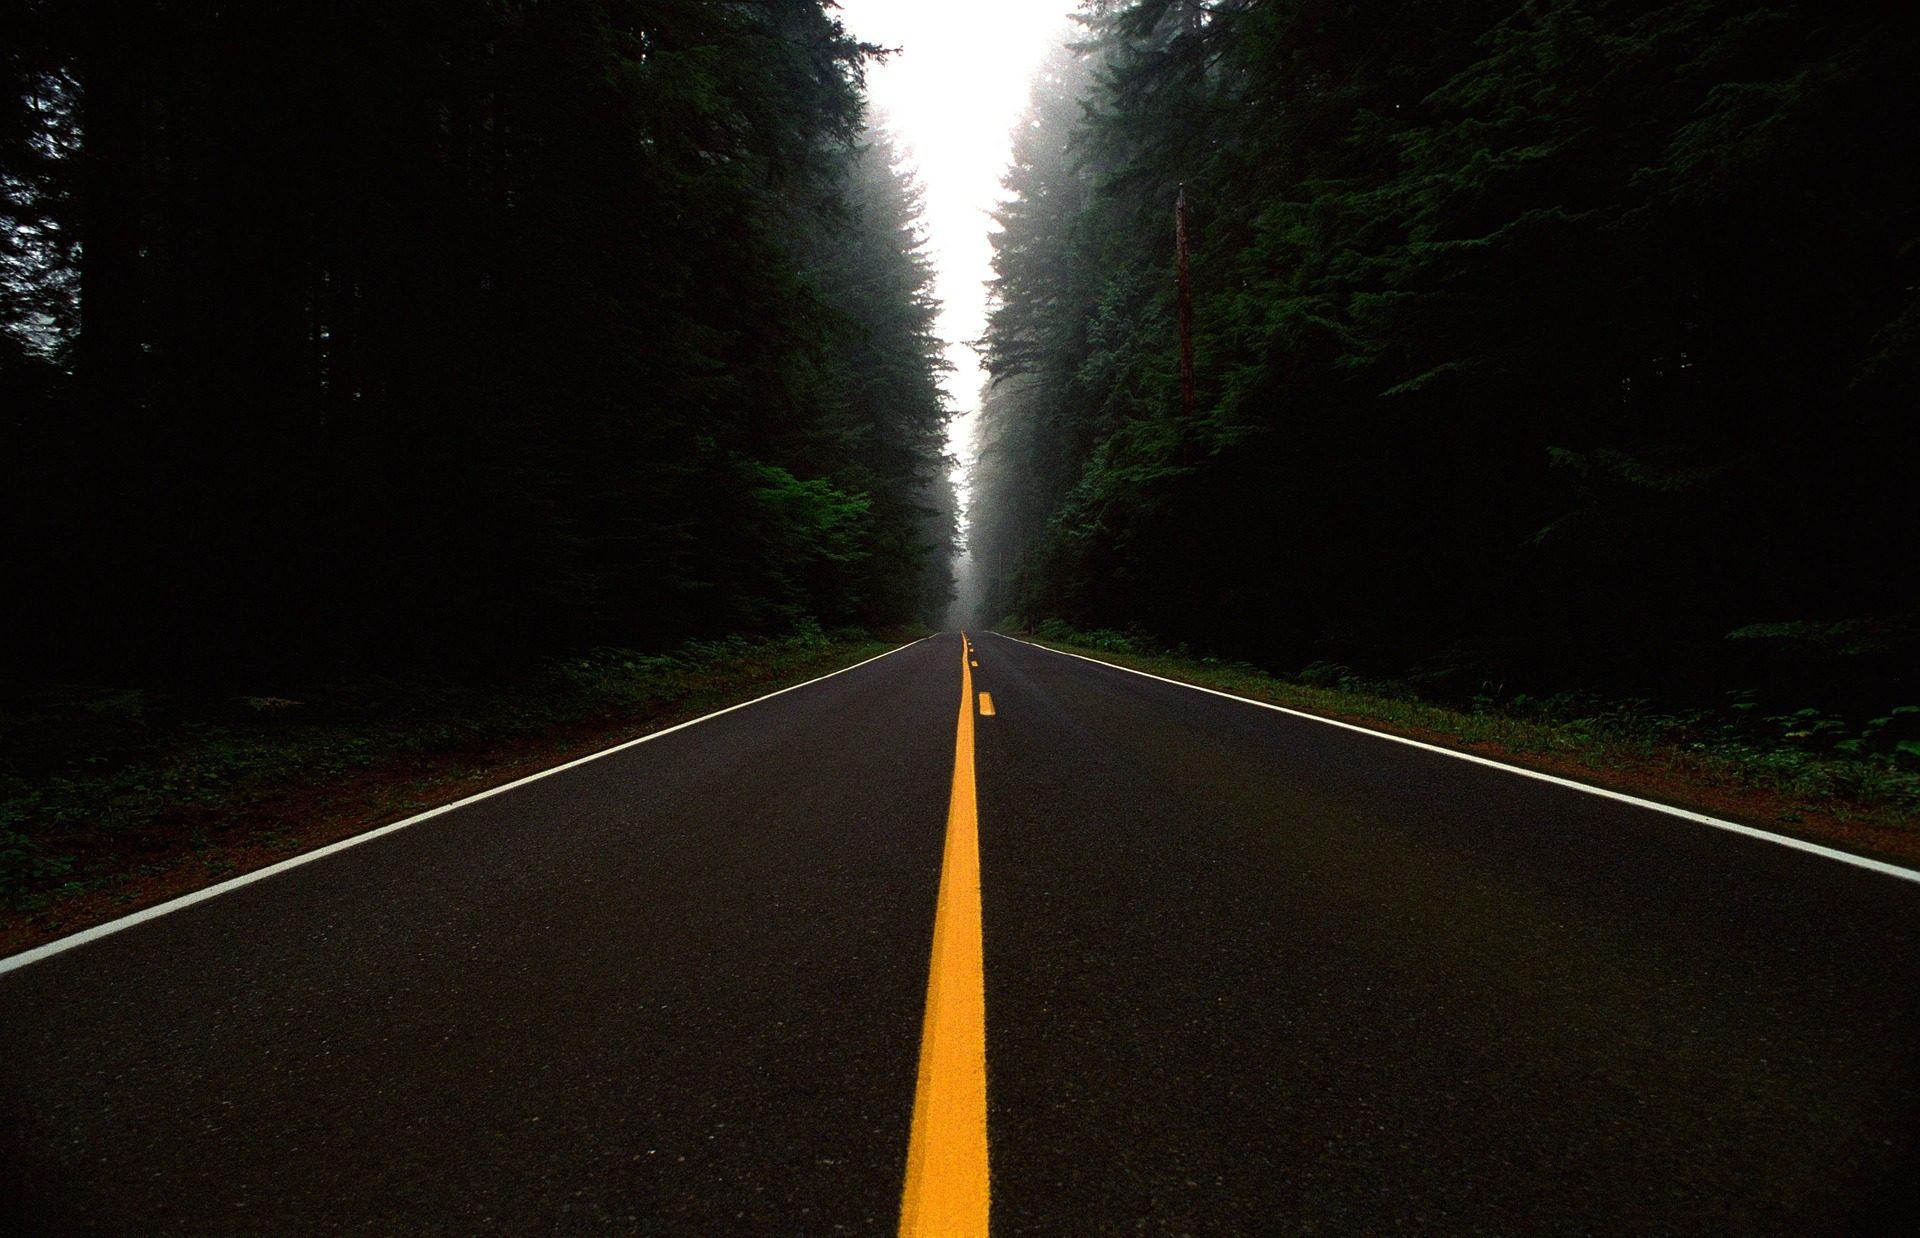 Δρόμου, Calzada, γραμμή, διαχωρισμός, δάσος, σόλο - Wallpapers HD - Professor-falken.com